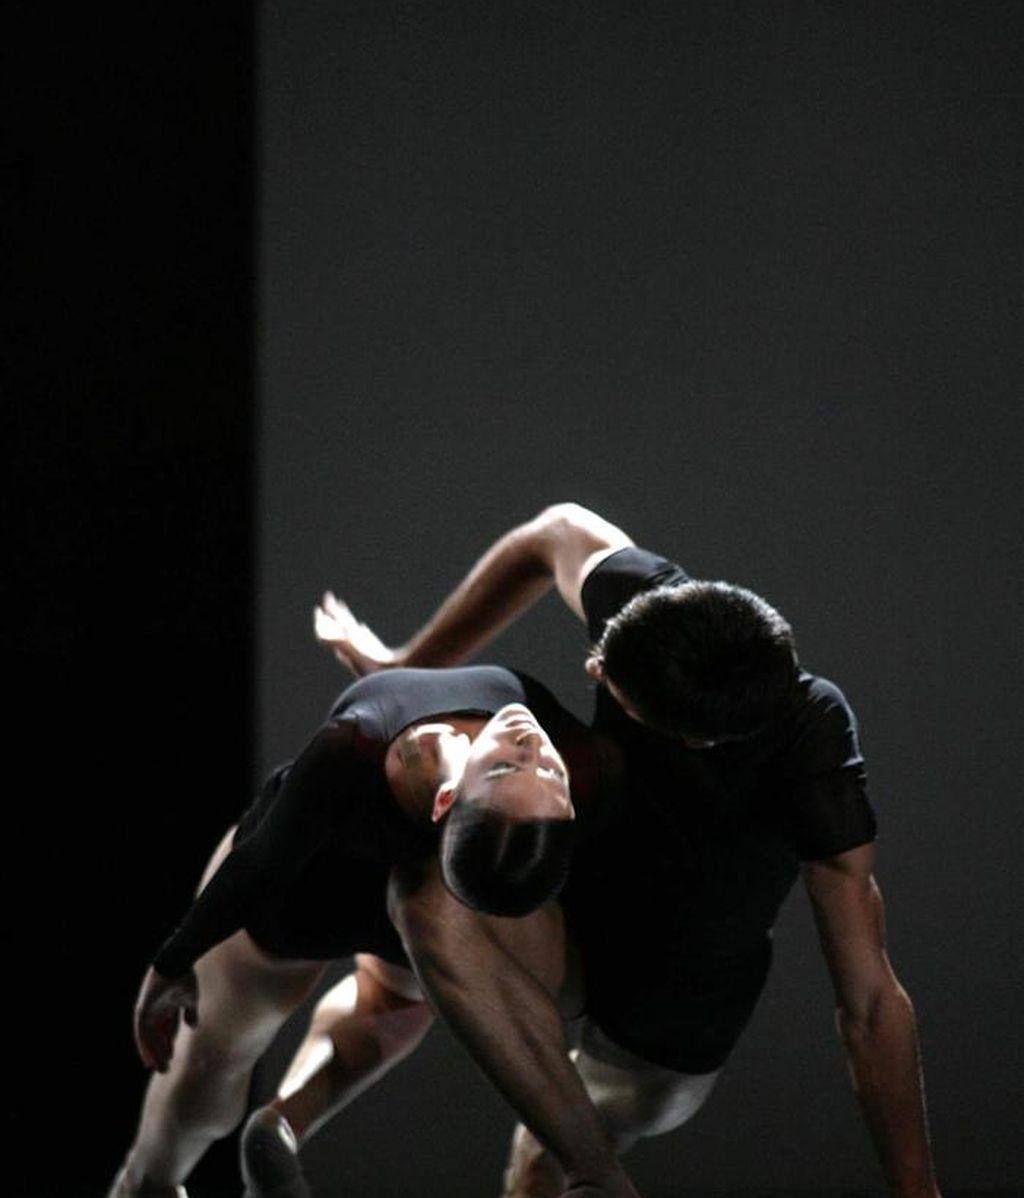 La Compañía Nacional de Danza (CND) de España brindó hoy al público de Pekín la primera de sus tres actuaciones esta semana en el Teatro Nacional de la capital china, donde mostró la original combinación de música barroca de Bach y danza moderna que creó su anterior director artístico, Nacho Duato. EFE/Archivo